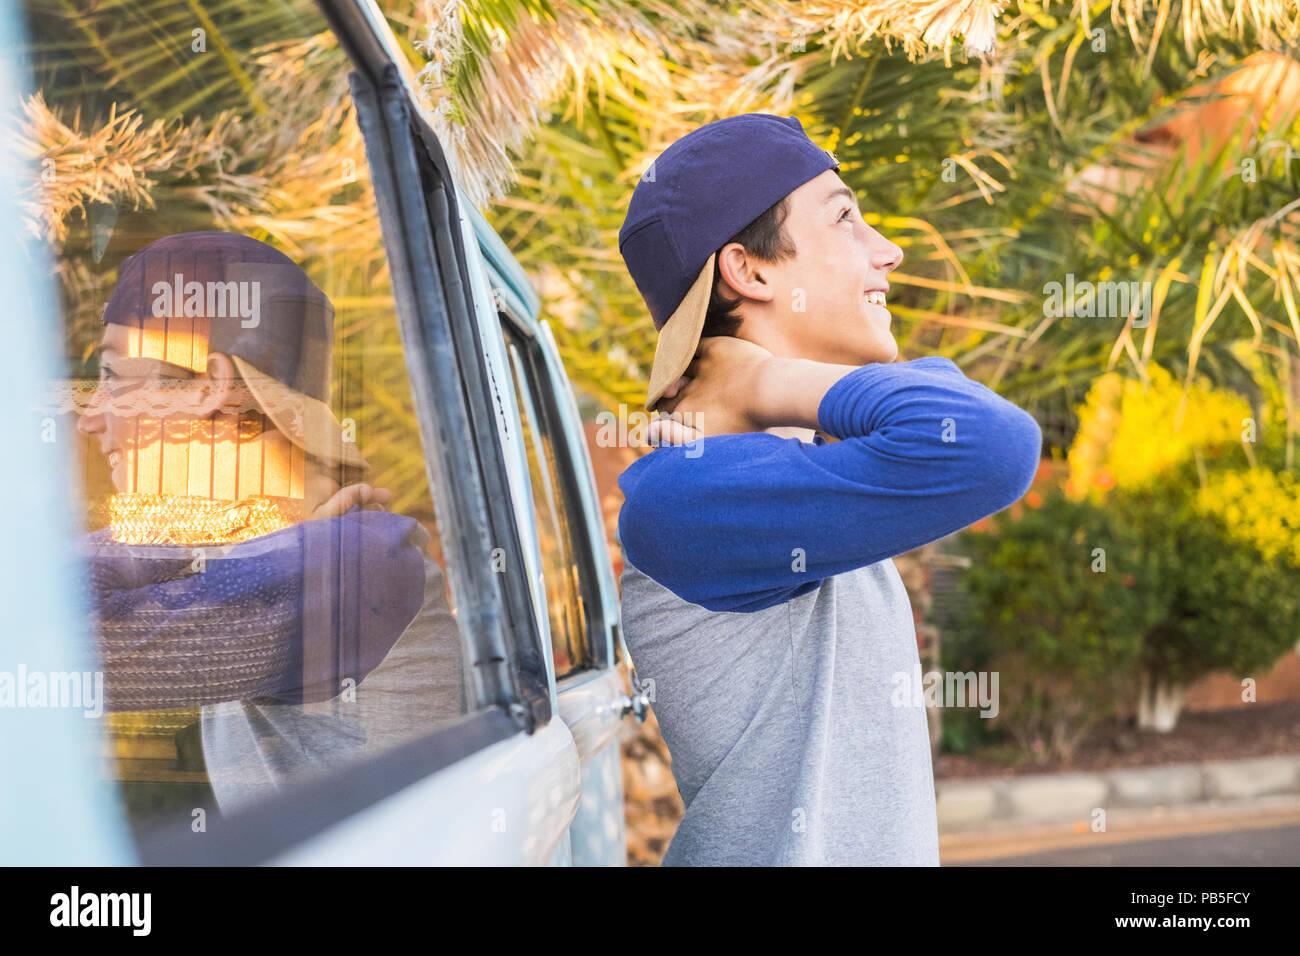 Schönen männlichen Teenager in legerer Kleidung Outdoor Freizeit Aktivität lächelnd und genießen Sie das tropische Wetter. spiegelt sich in einem Jahrgang van Fahrzeug Stockbild